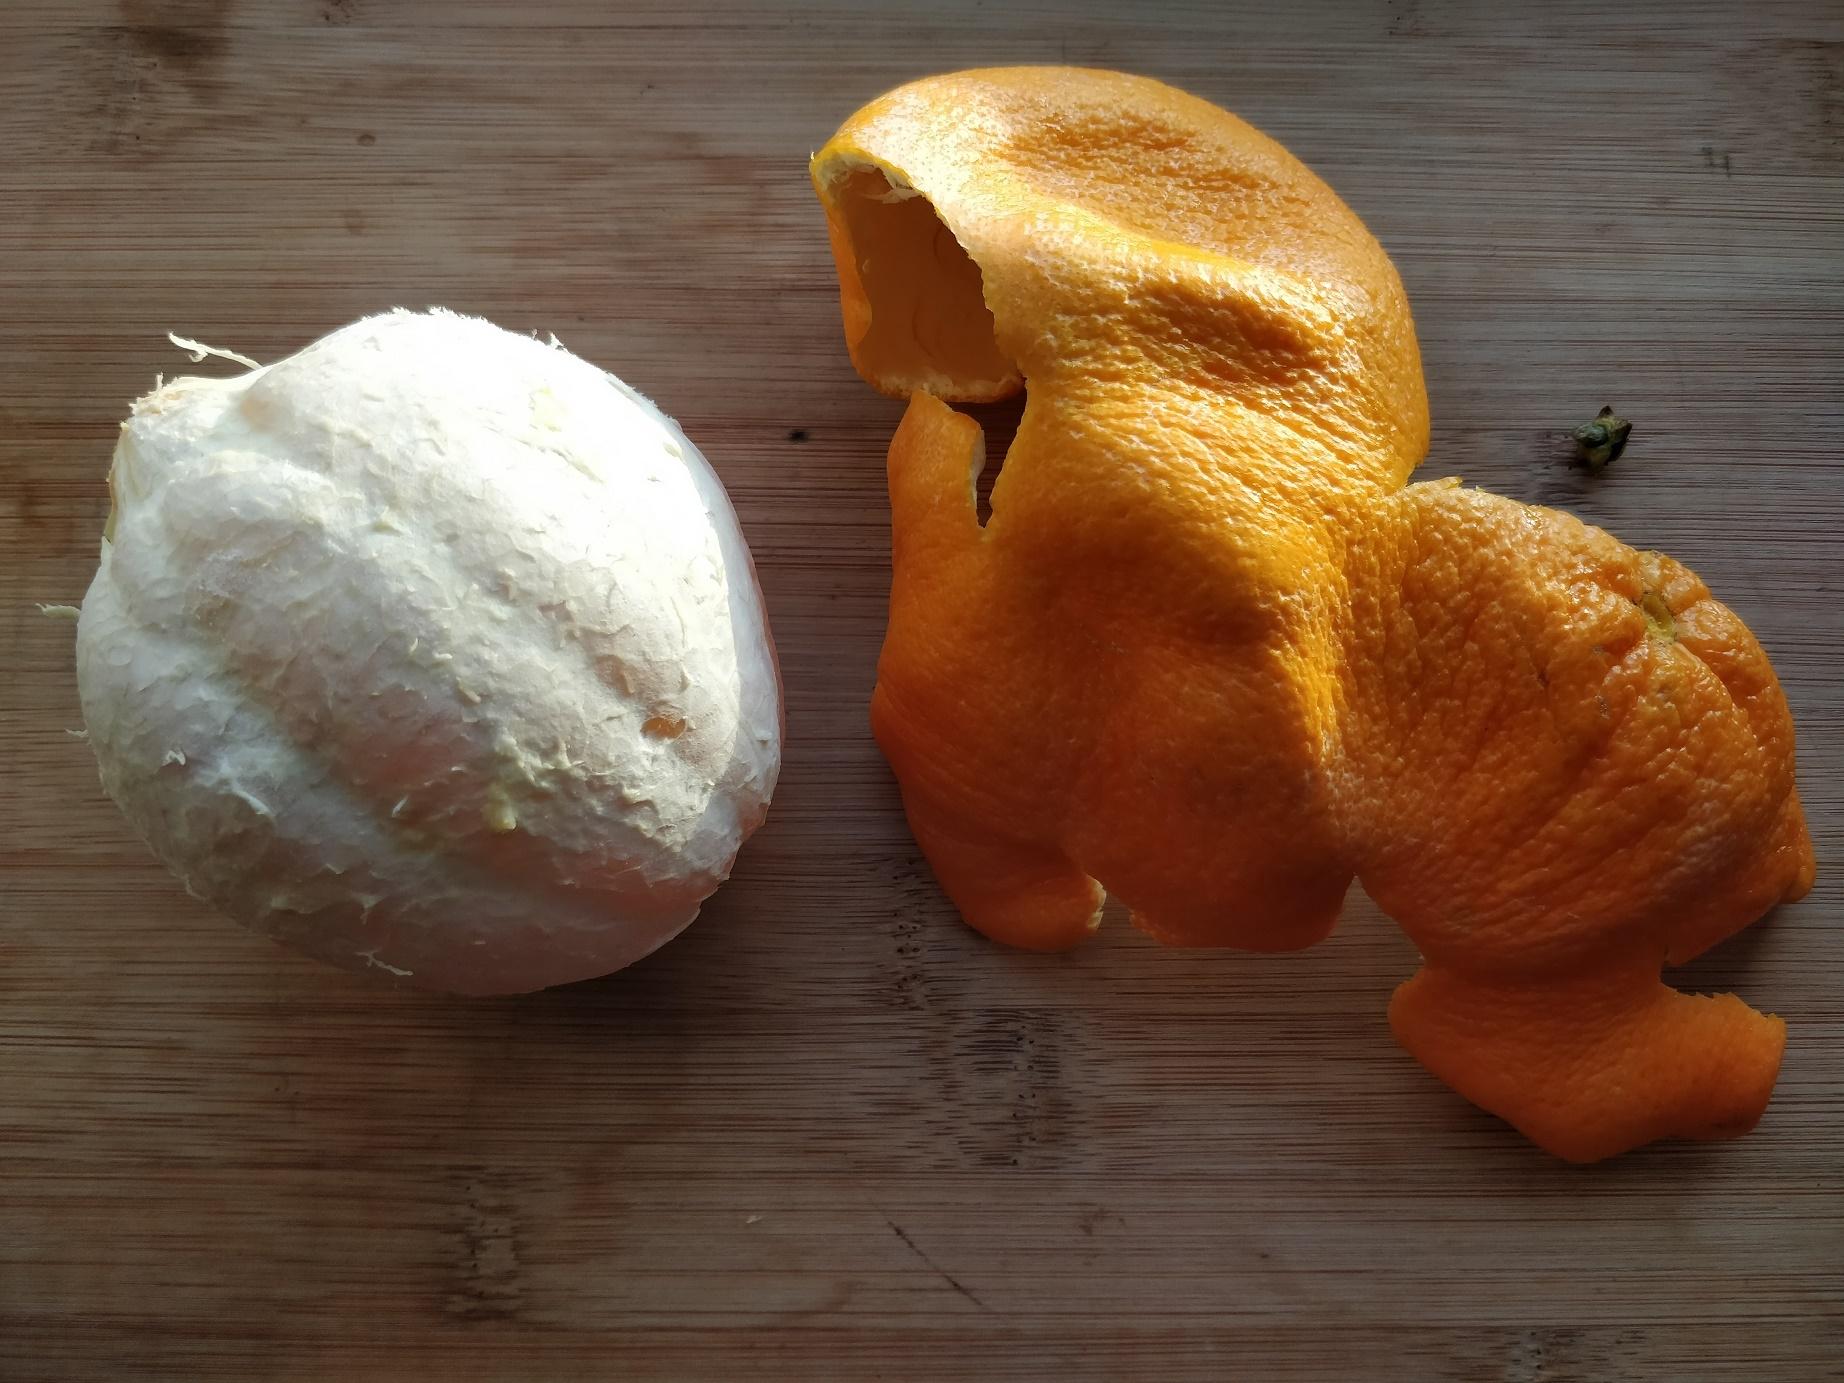 Skrællet appelsin